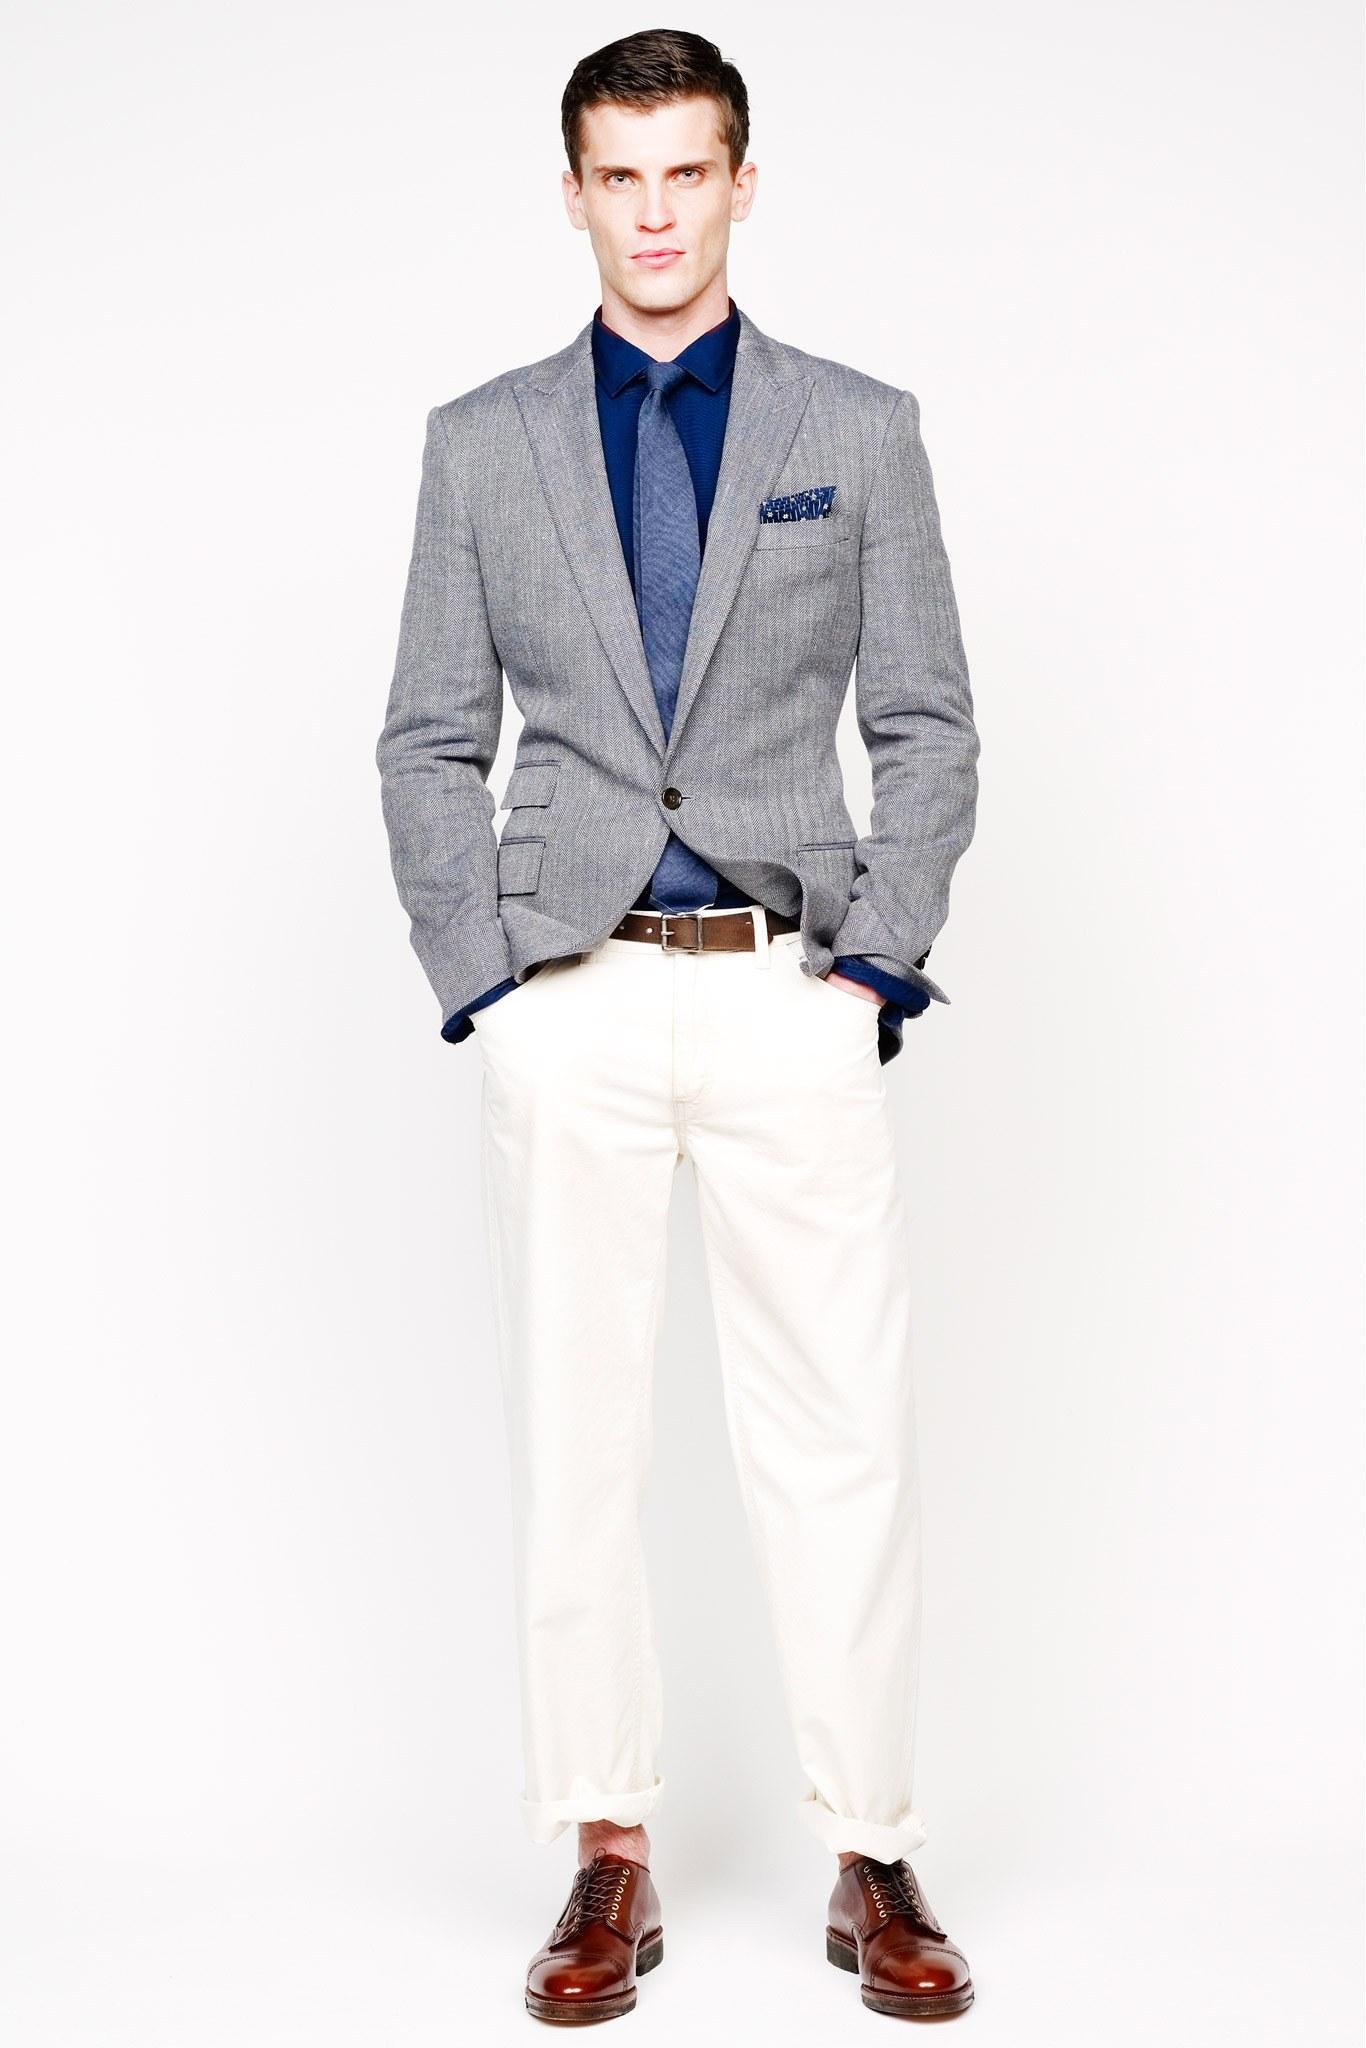 ELLE Man Style Calendar thổi hồn mới cho trang phục công sở (12)